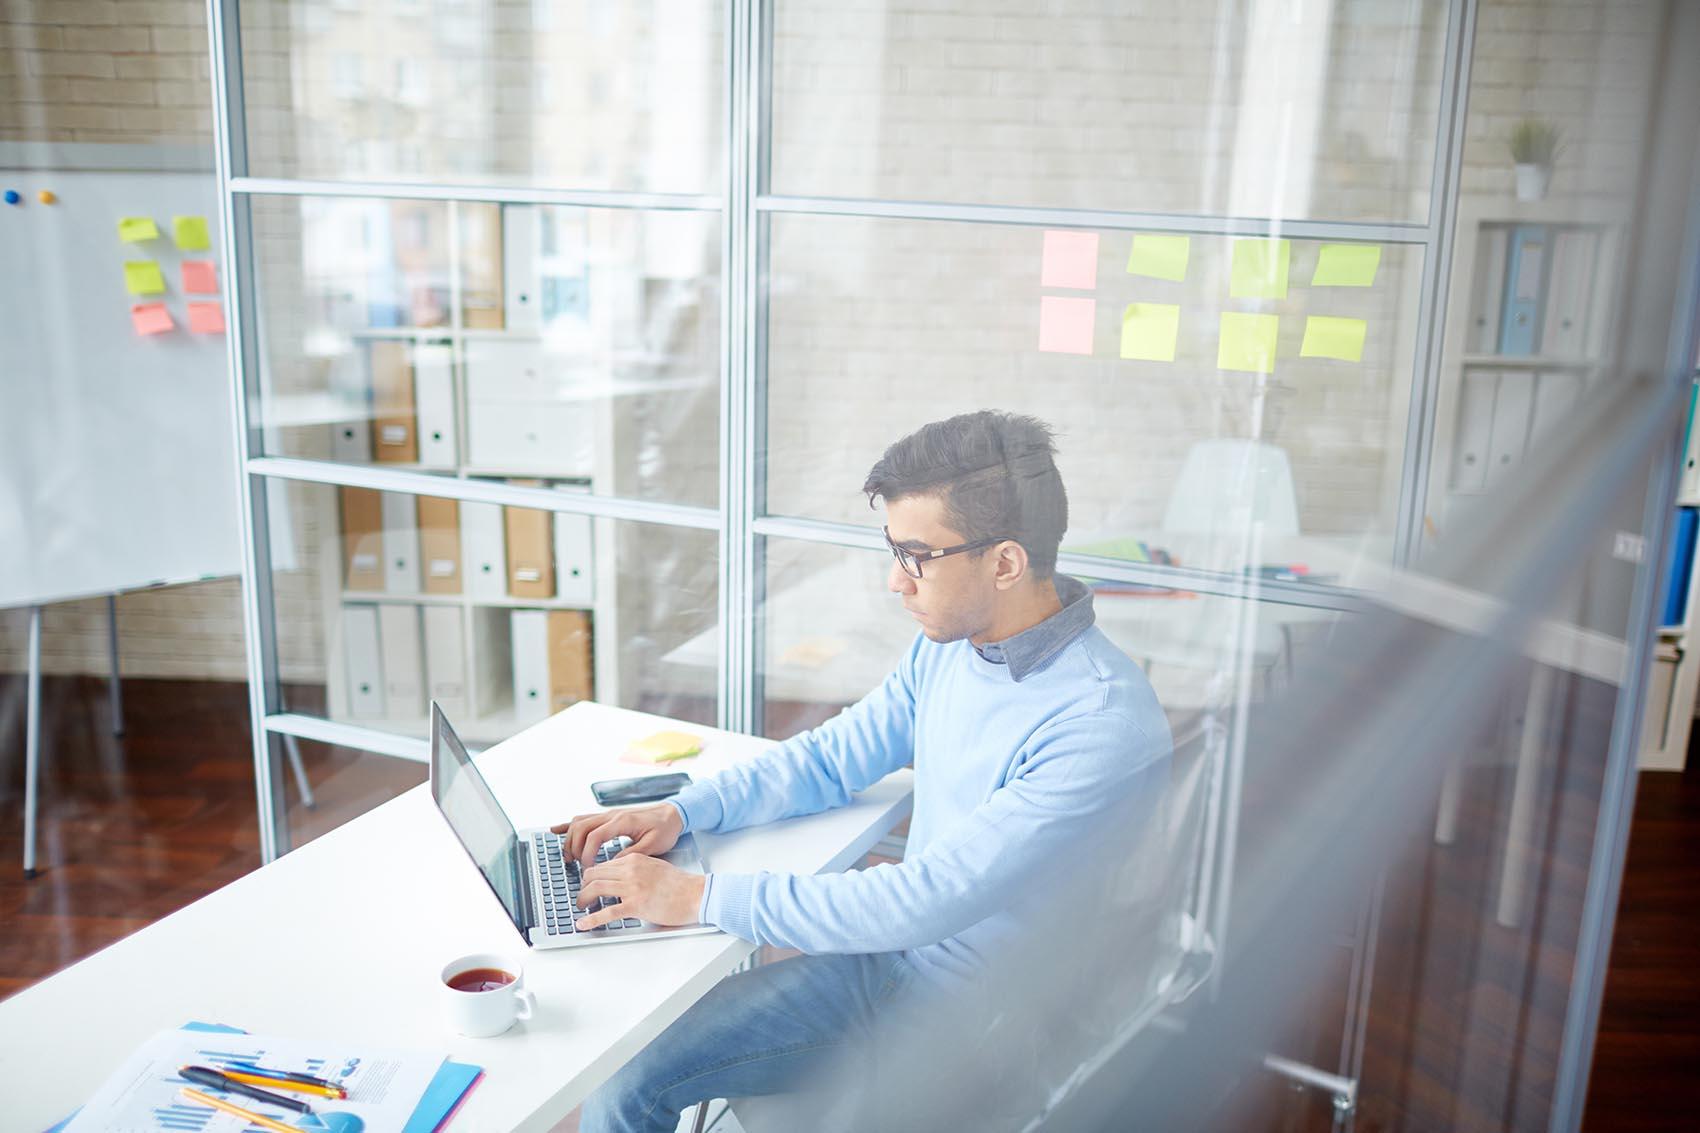 Jesteś Managerem? 4 metody, z których musisz korzystać